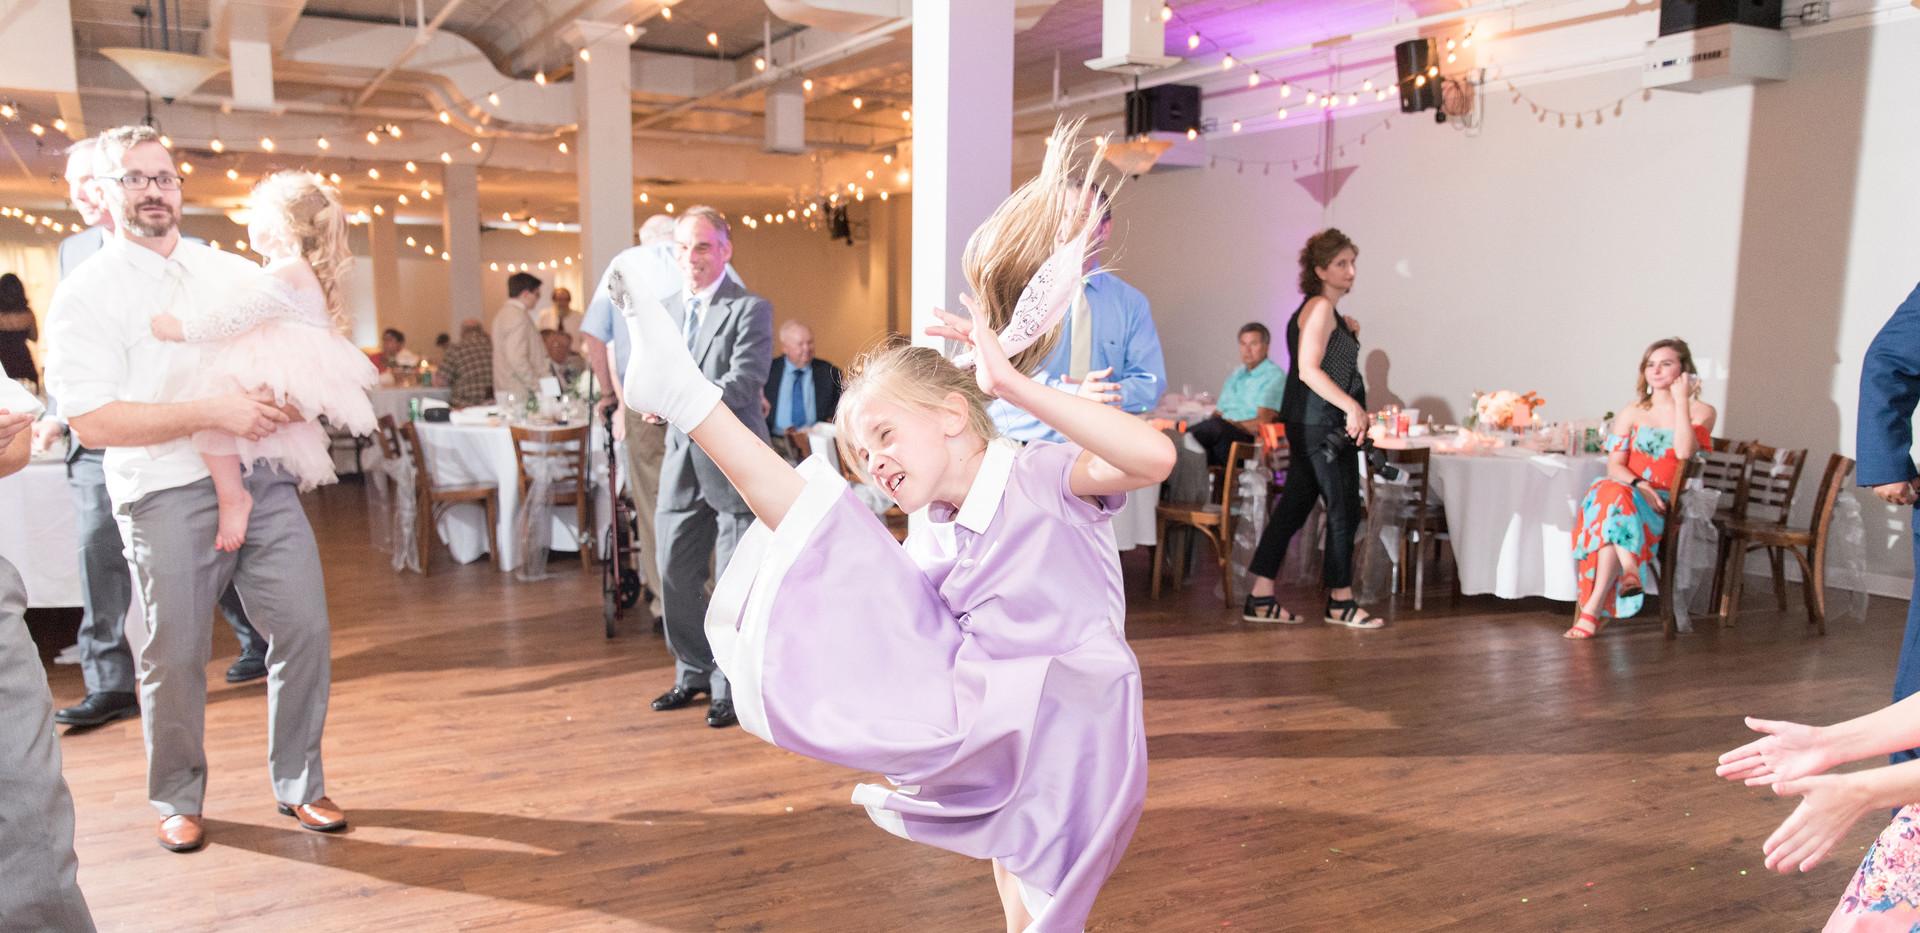 Fun & Dancing